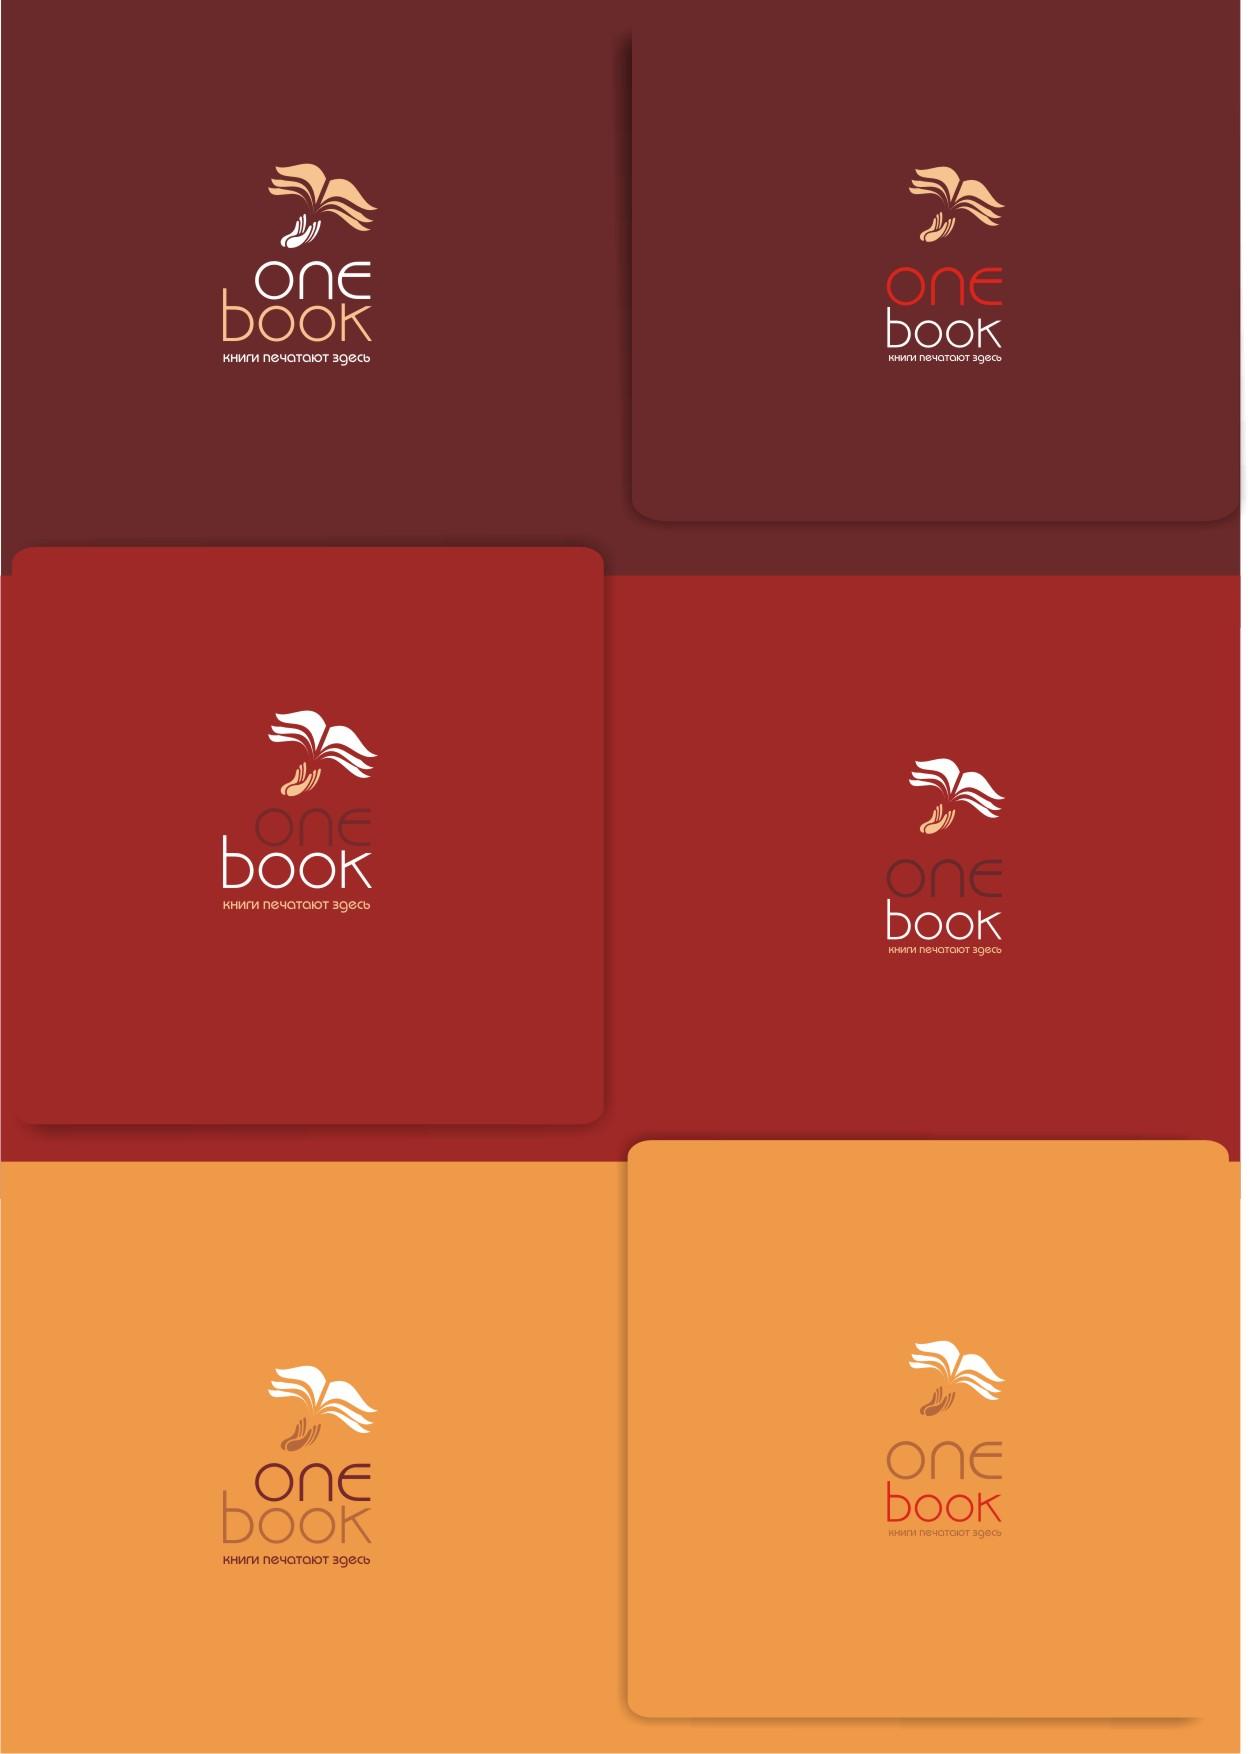 Логотип для цифровой книжной типографии. фото f_4cc170f08769d.jpg